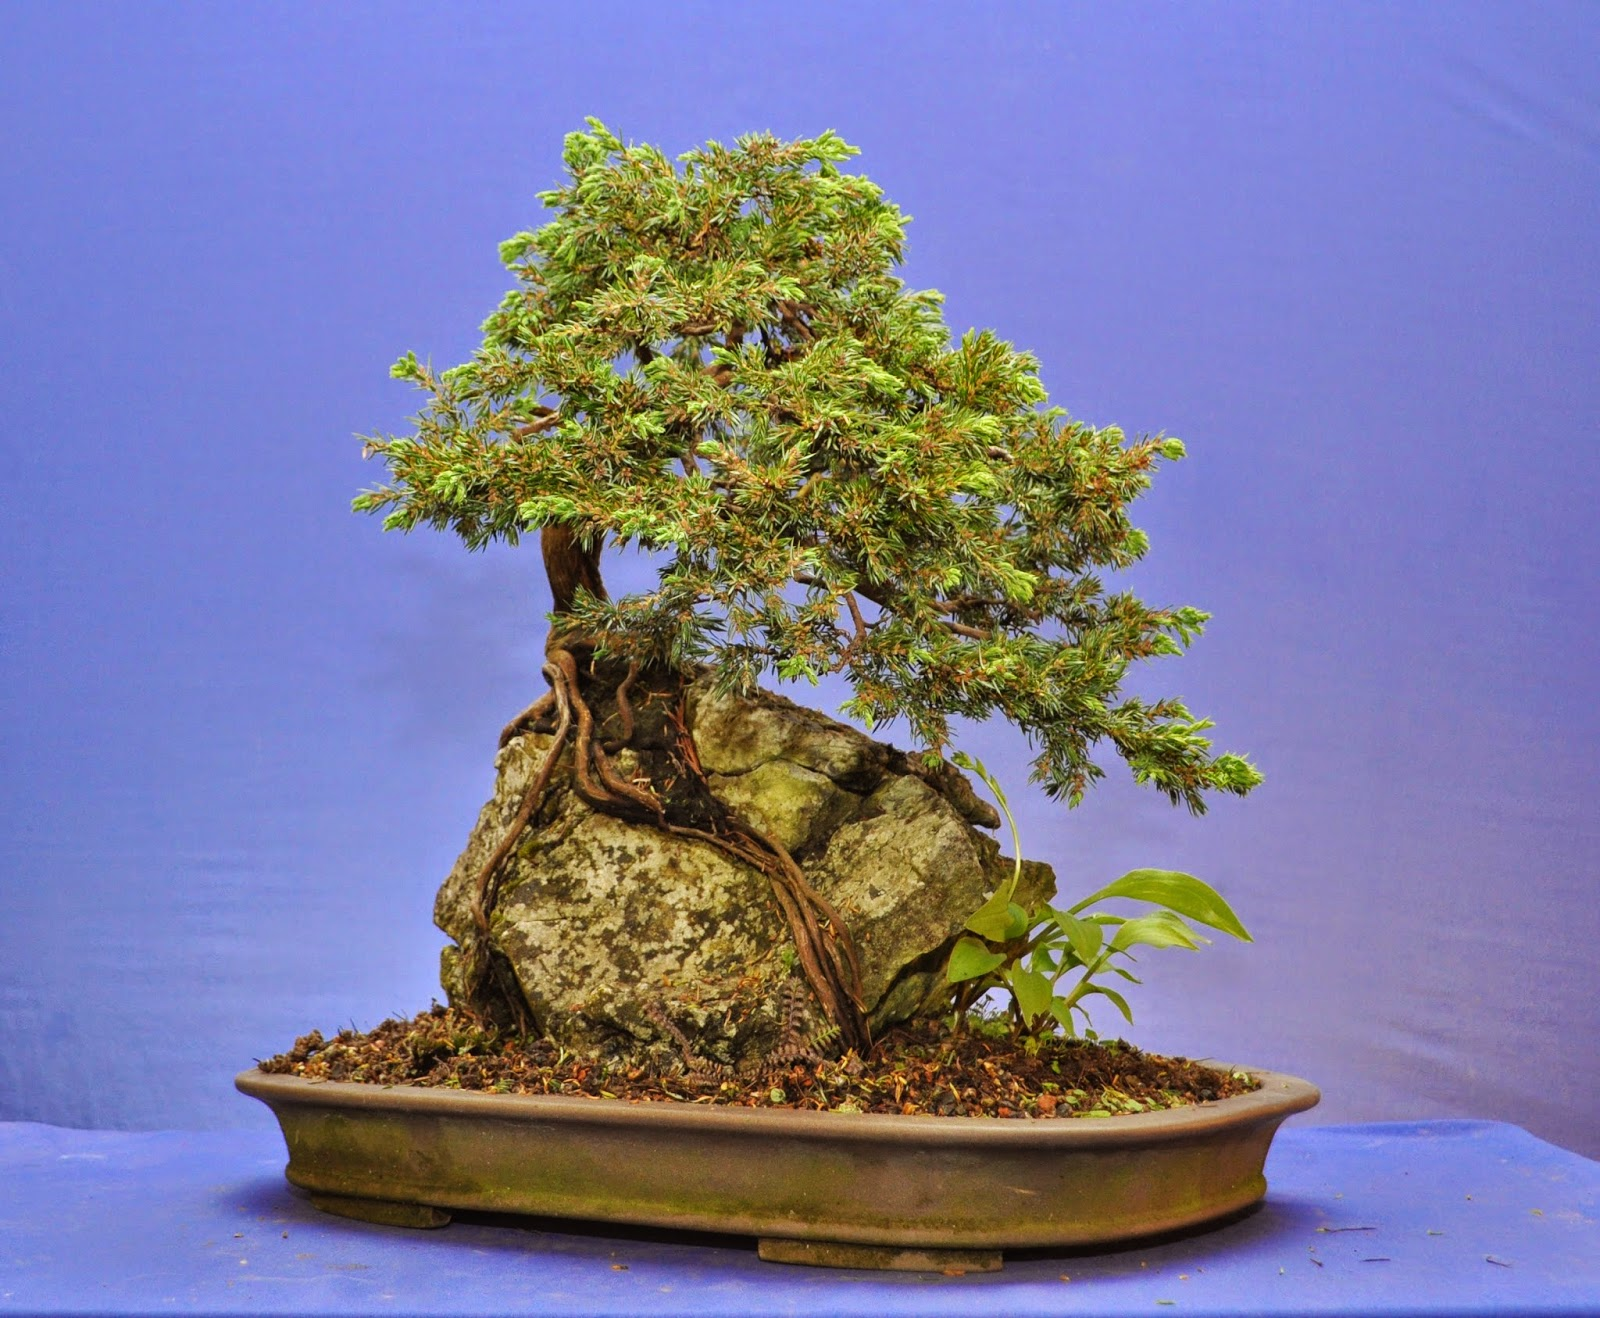 How to grow a bonsai tree on a rock